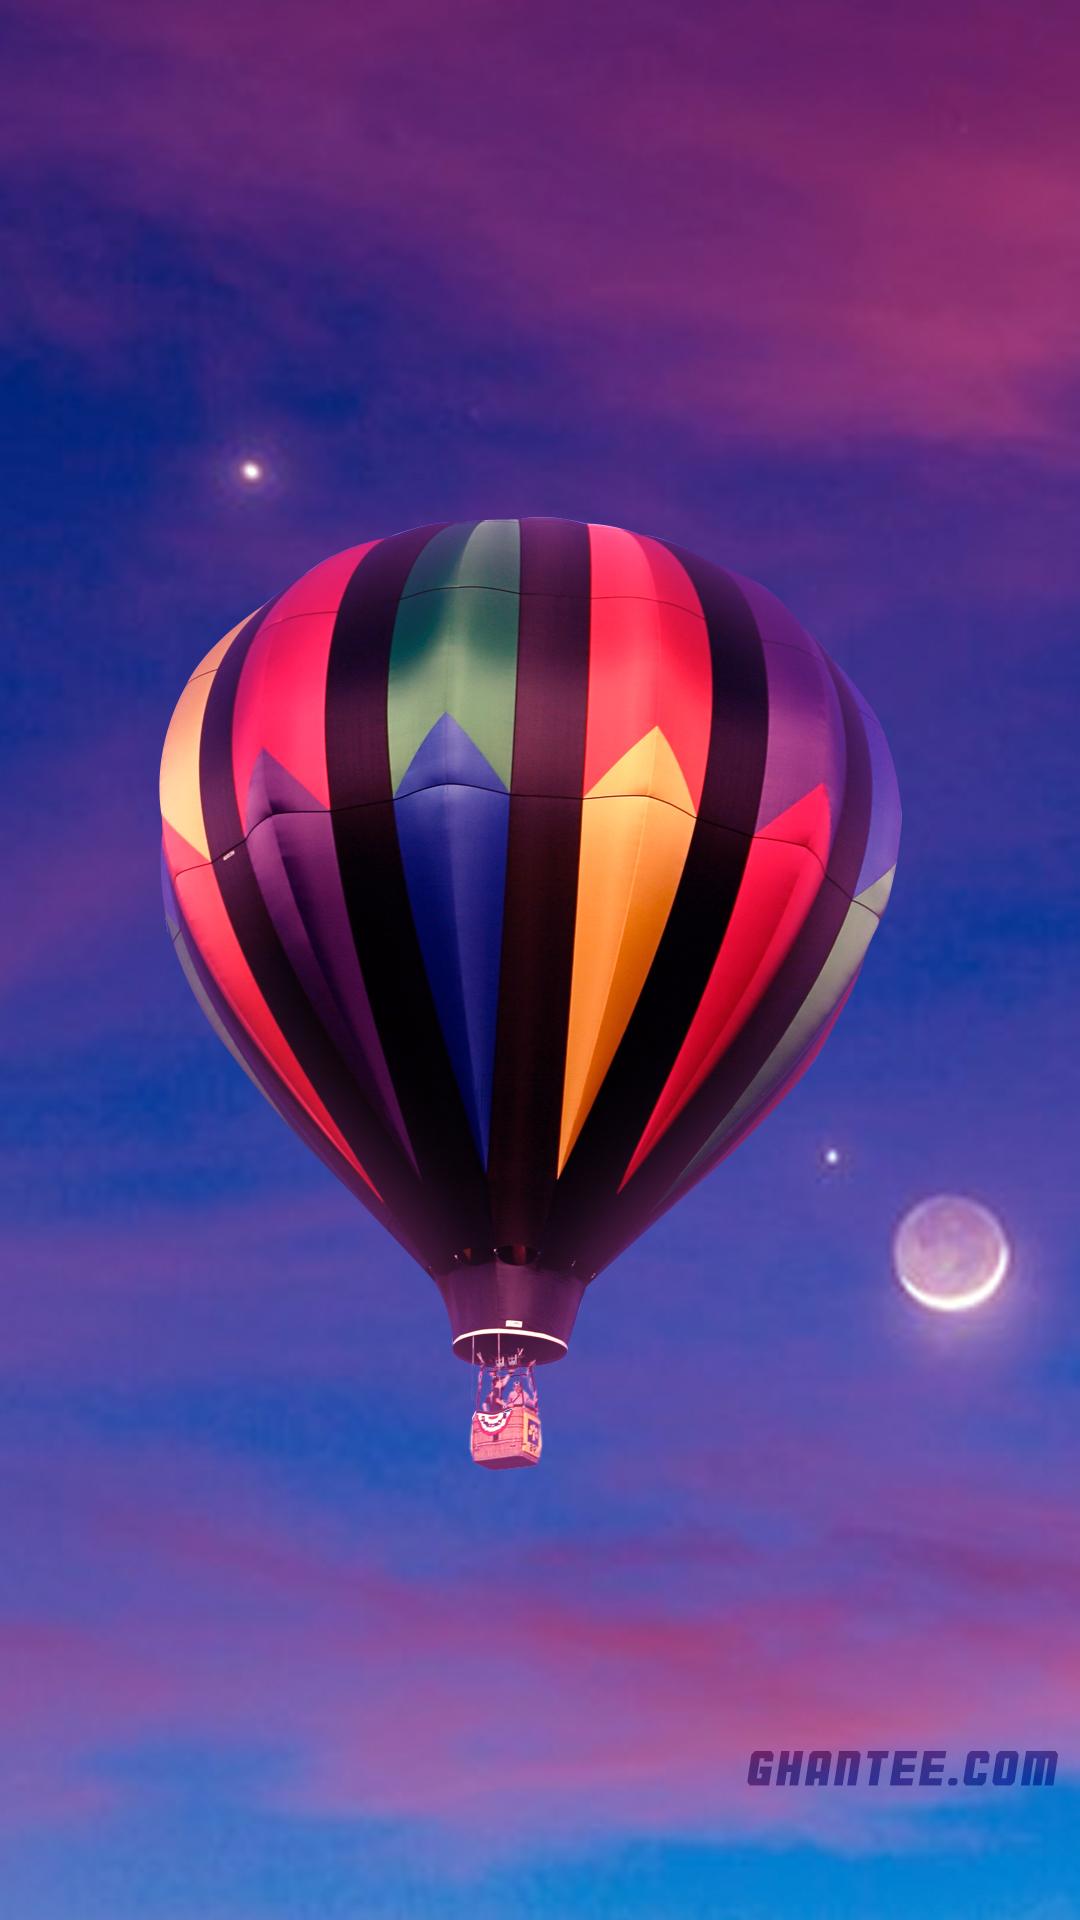 beautiful hot air balloon in evening sky wallpaper | full HD